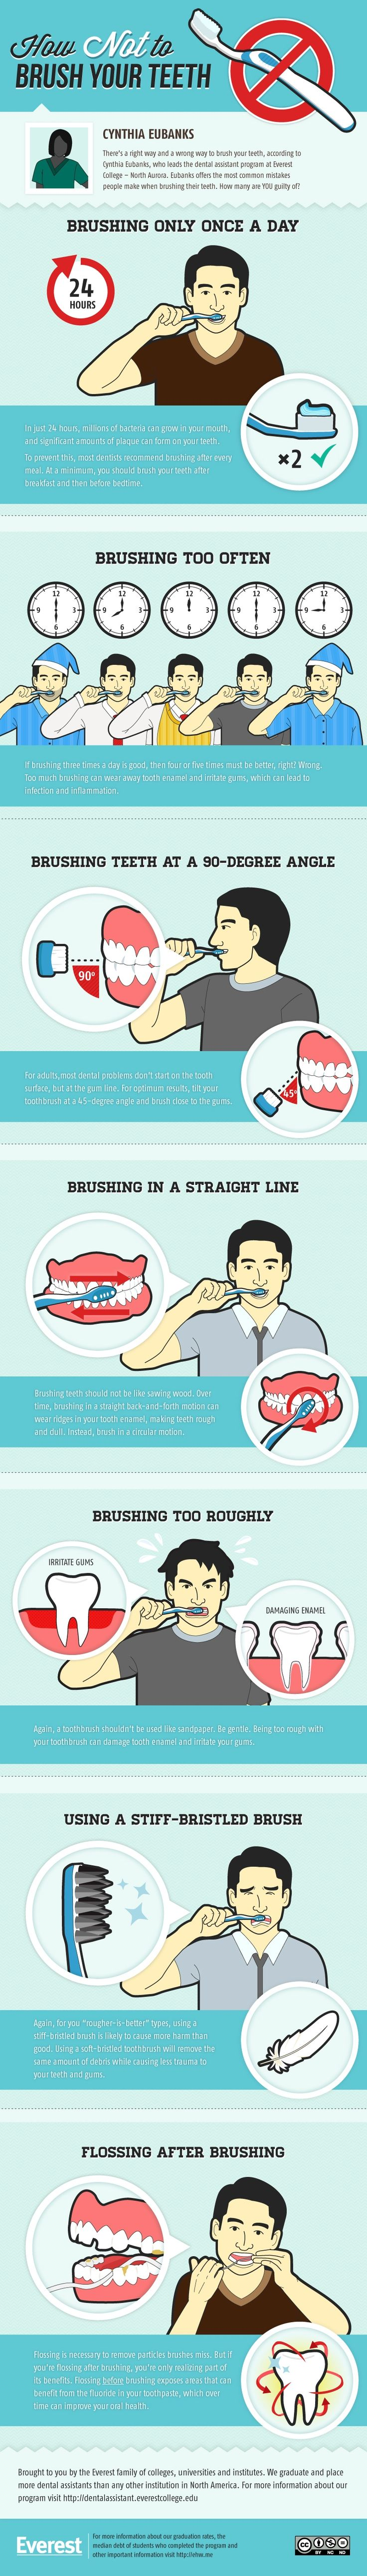 86 best Dental Tips images on Pinterest | Oral health, Dental ...